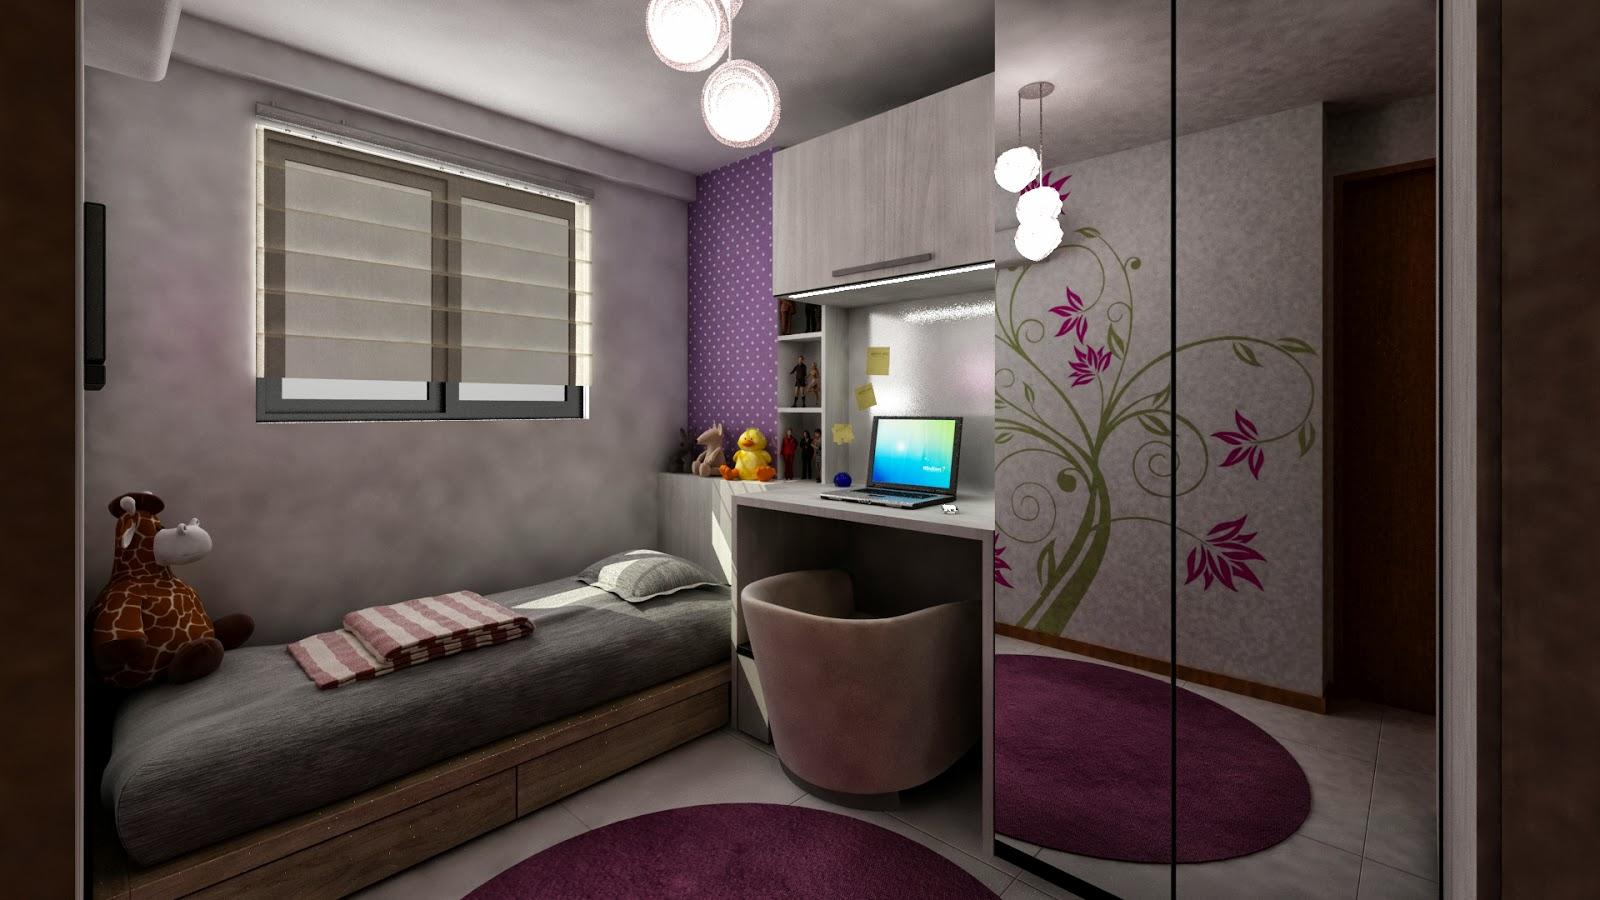 S³ ARQUITETURA E PLANEJAMENTO: Projetos S³ interiores #0DA3BE 1600x900